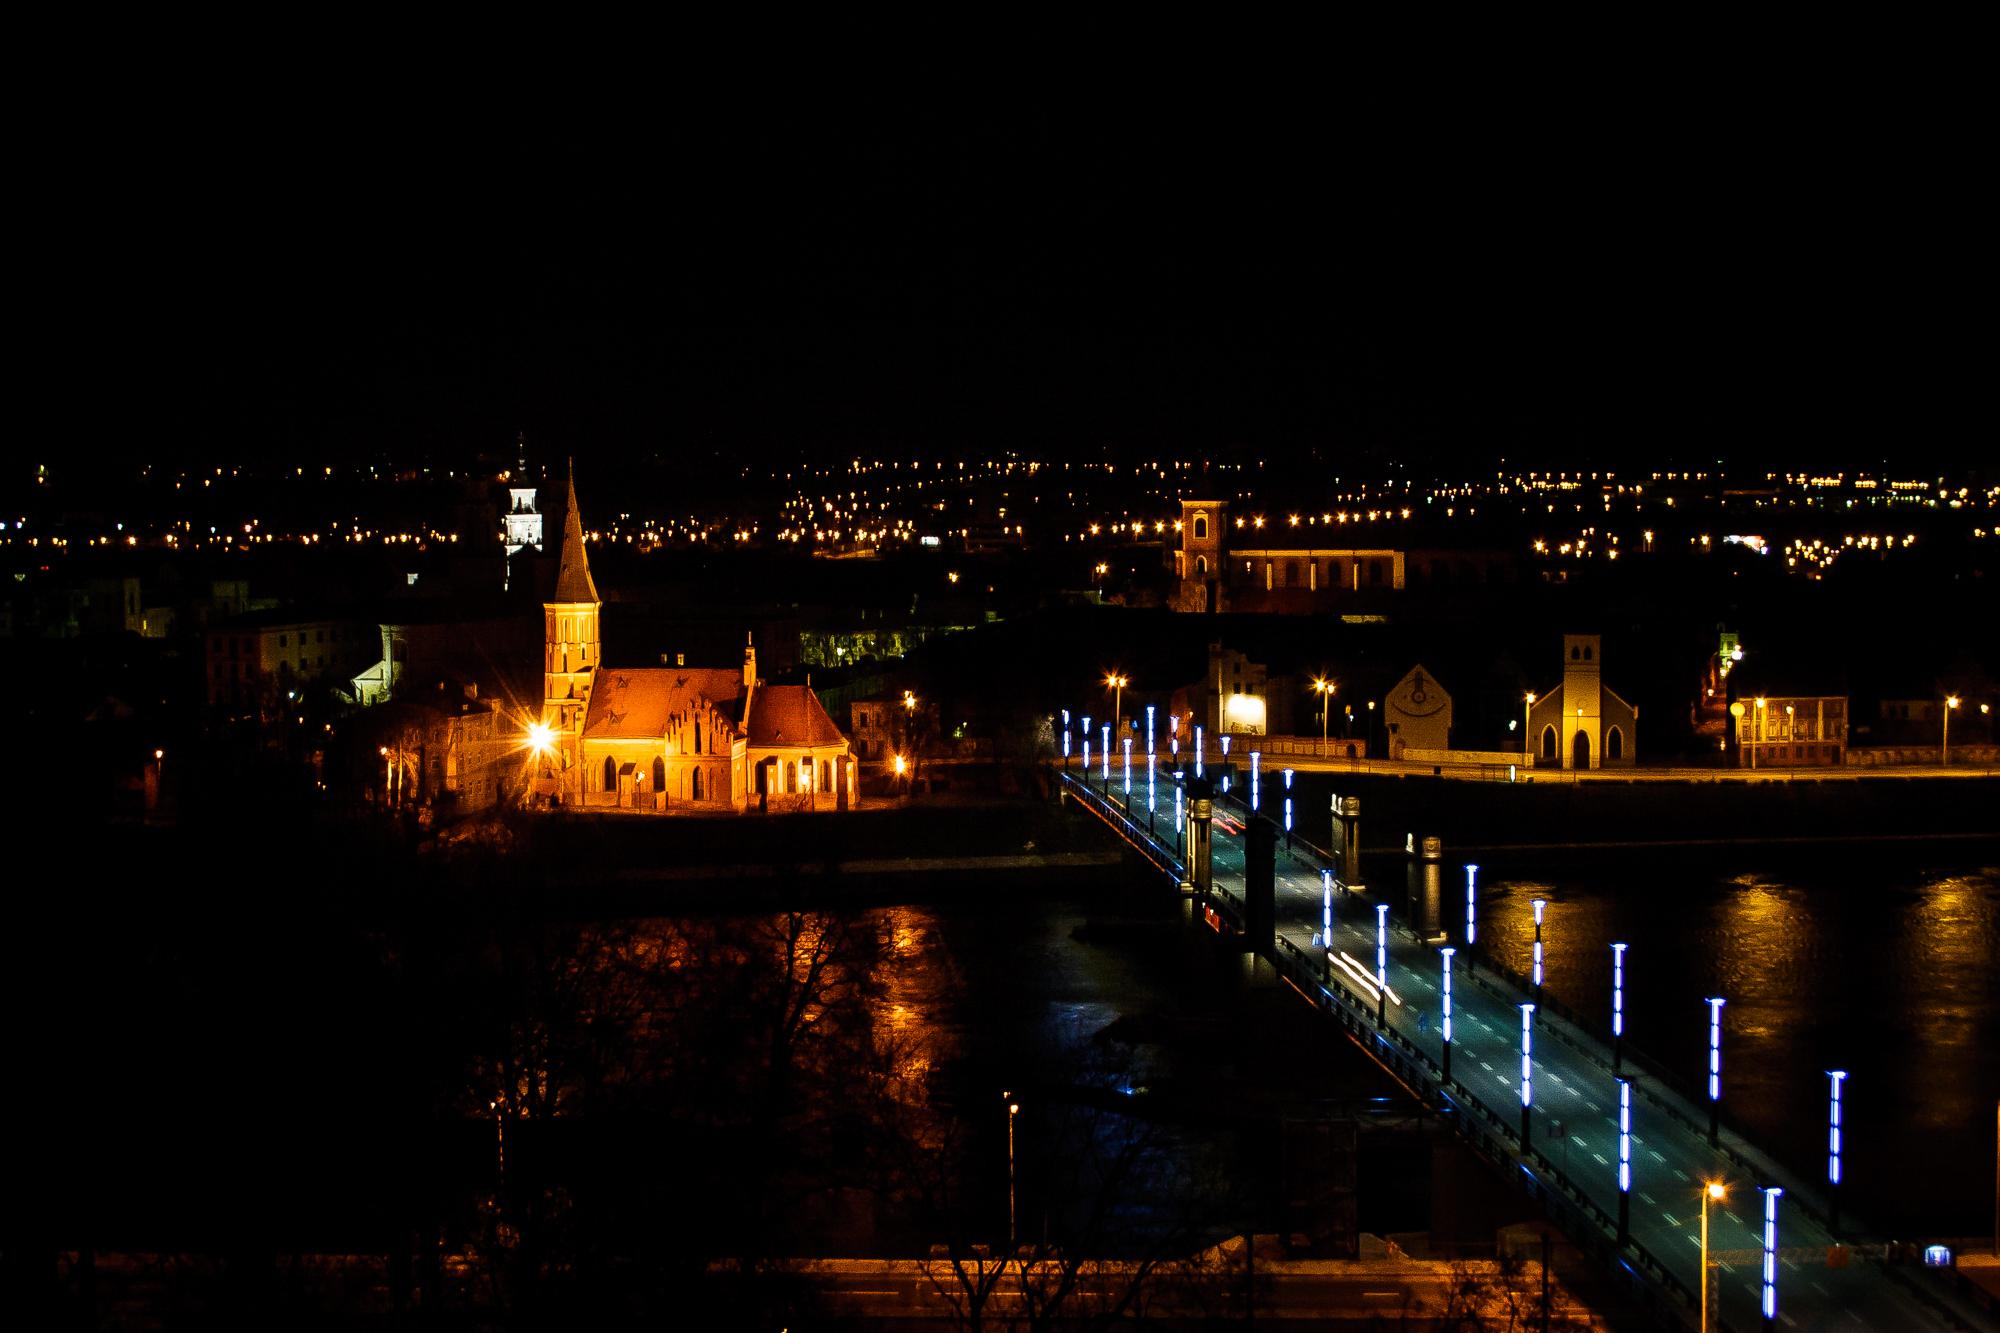 Kaunas At Night Via @Atisgailis